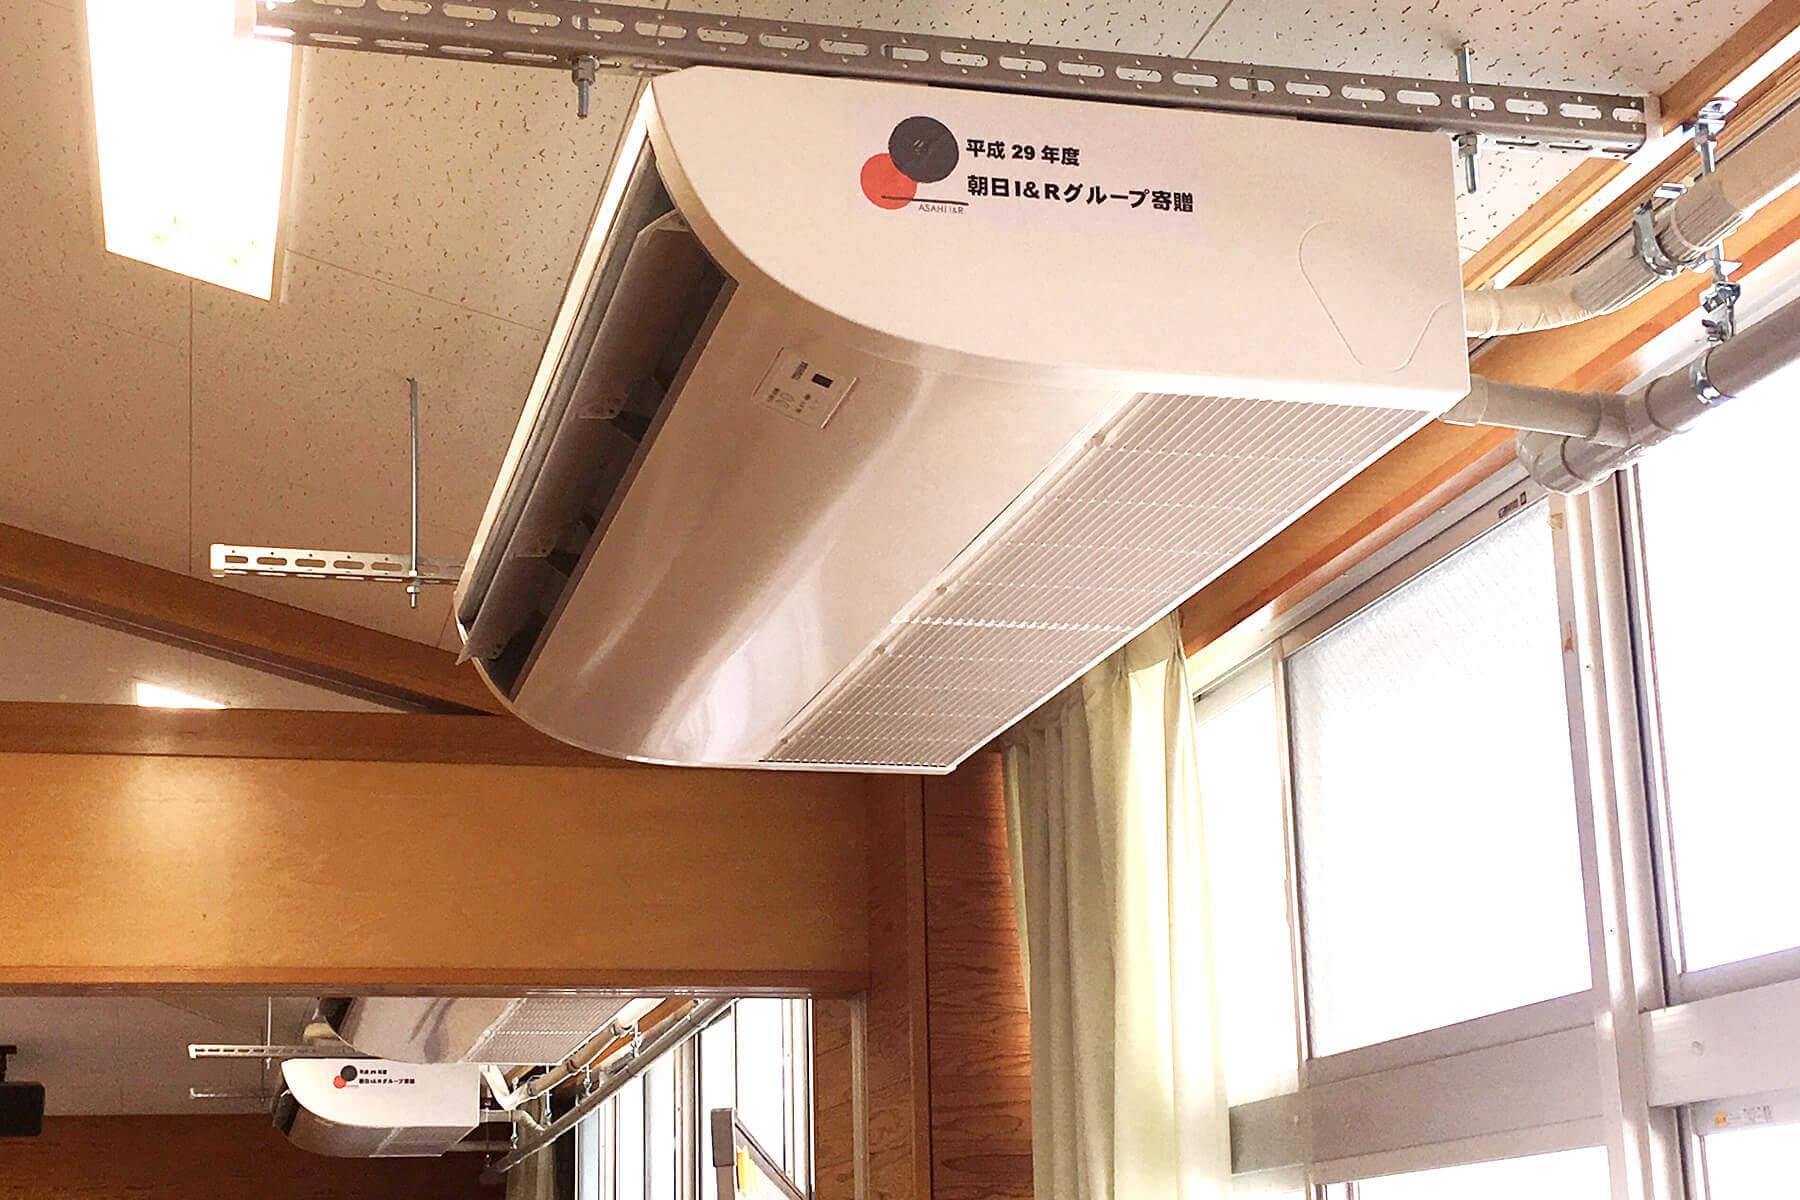 朝日I&Rより武雄市立朝日小学校へのエアコン寄贈 画像3